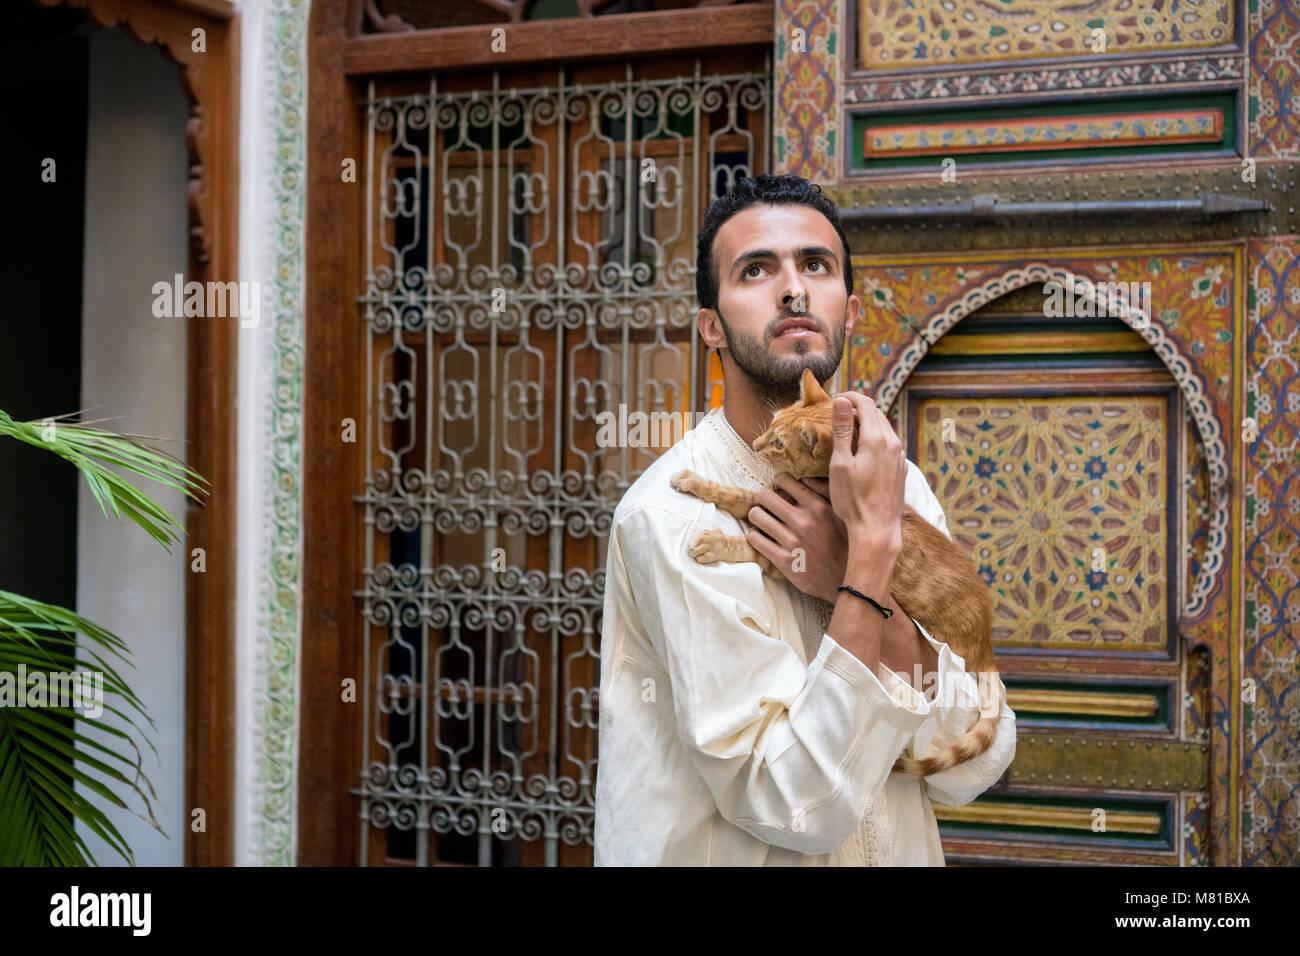 Joven musulmلn en vestimentas tradicionales sosteniendo un gato amarillo en el ambiente tradicional marroquí Imagen De Stock